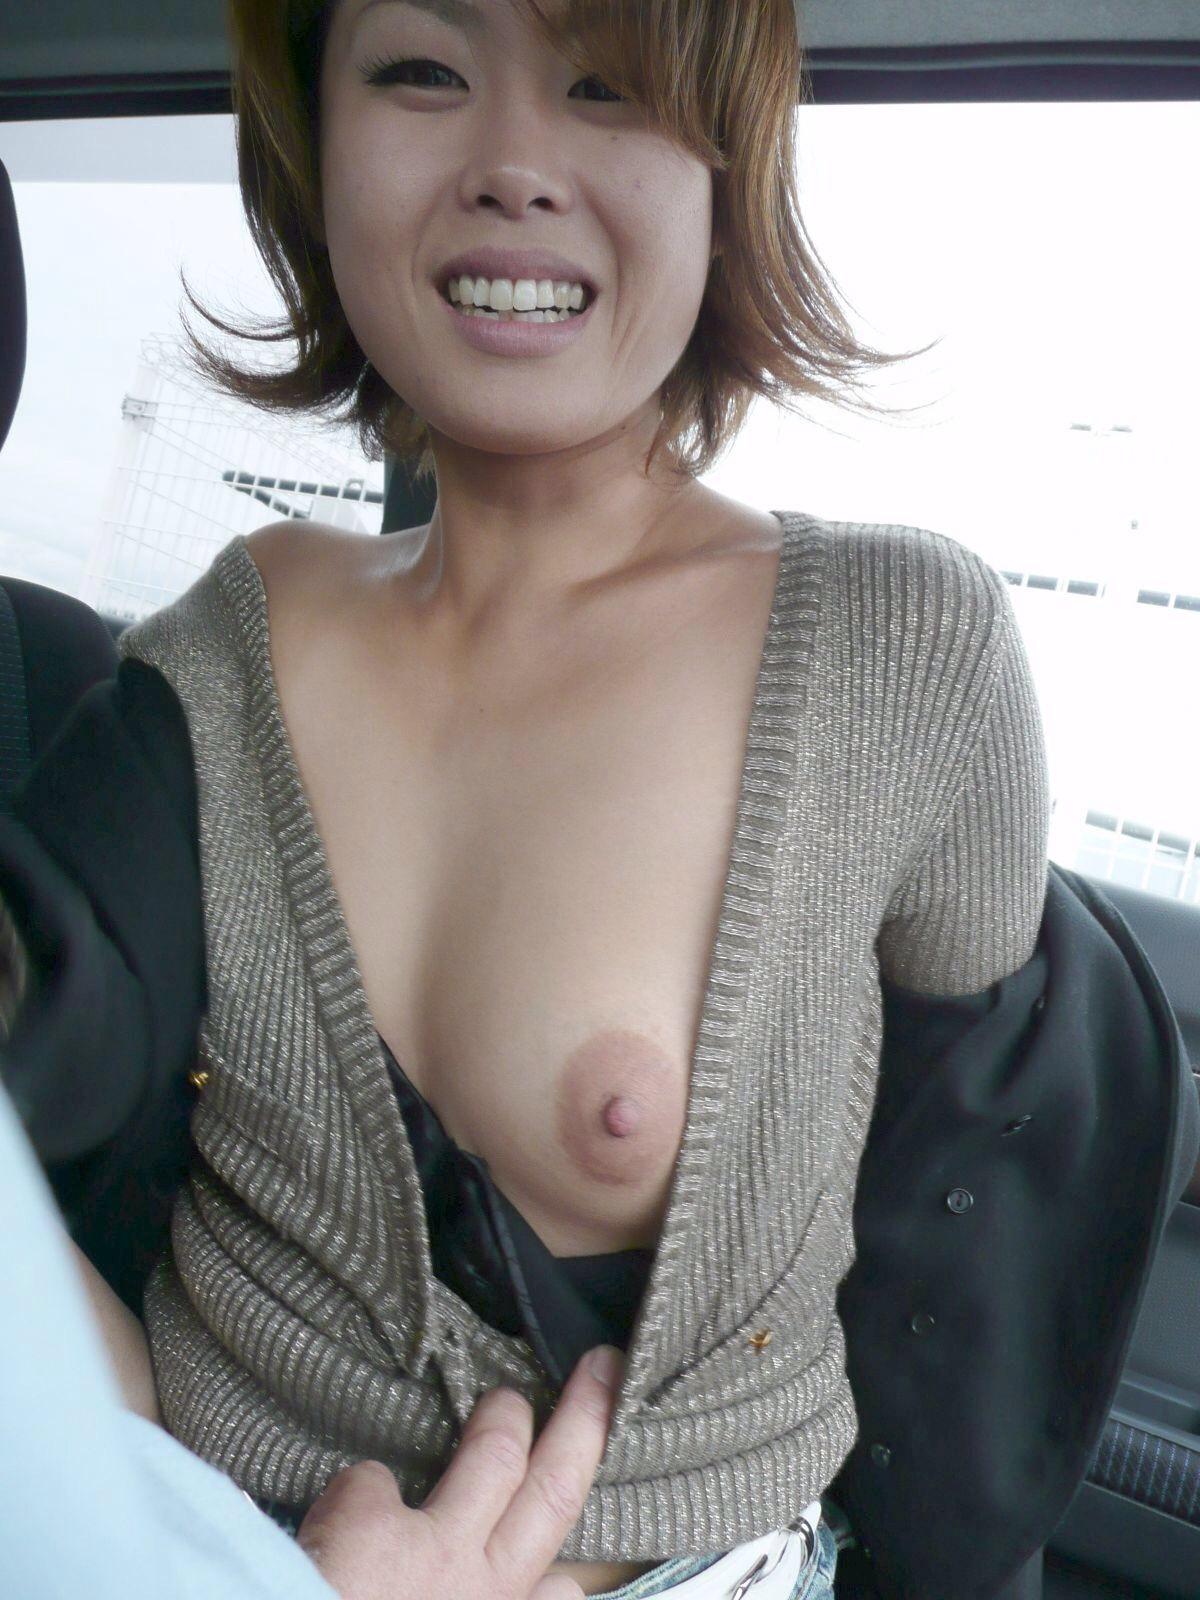 むっちり垂れ乳熟女の車内援交エロ写メ画像流出3枚目